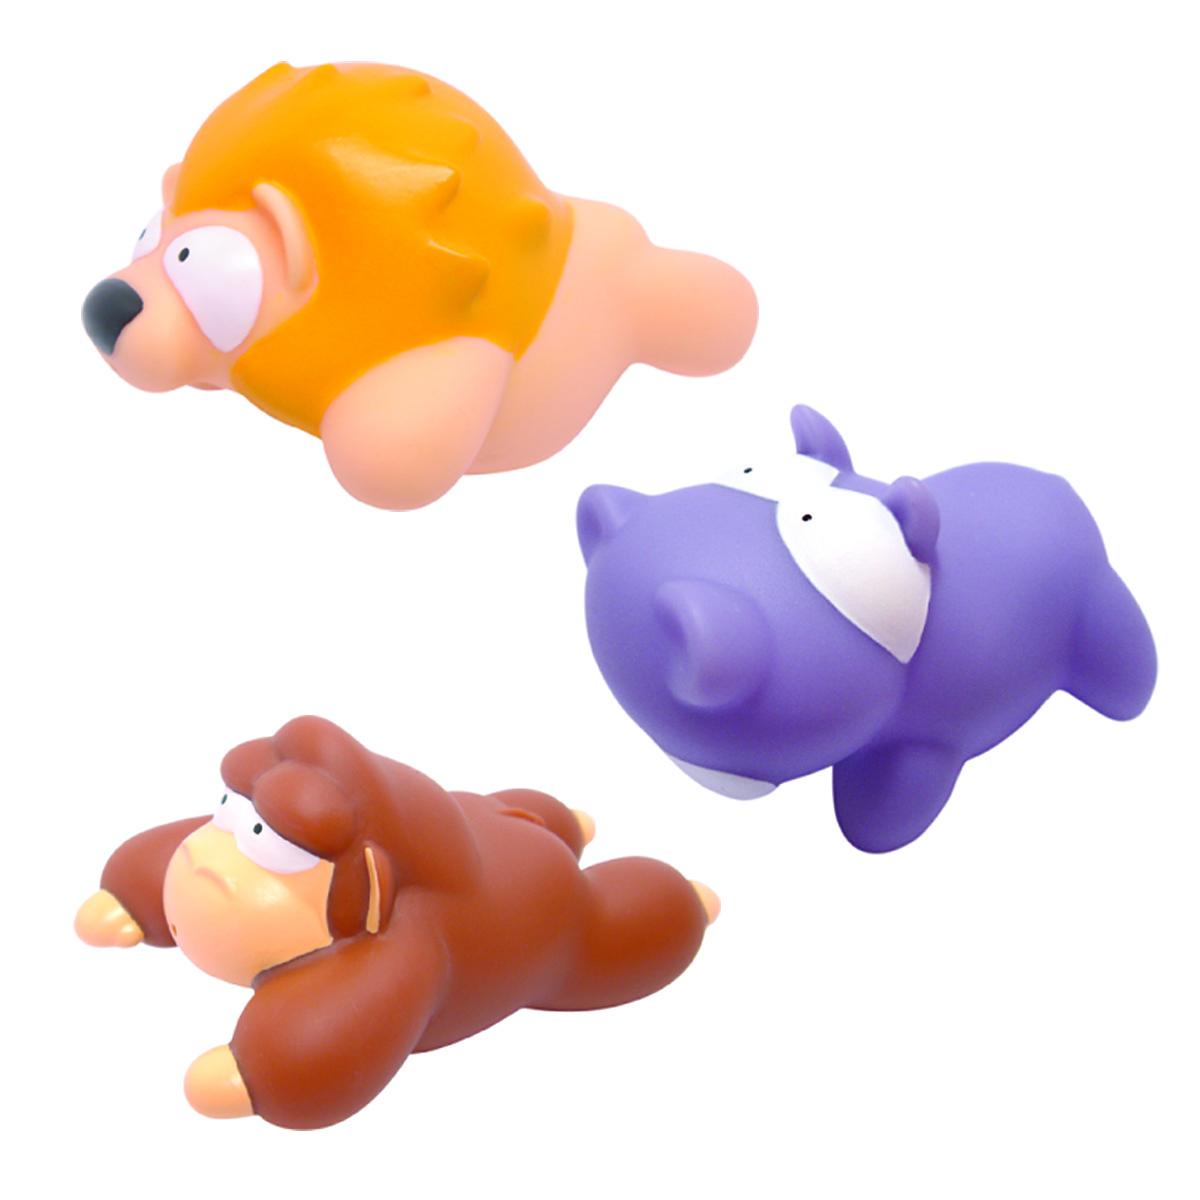 Mara Baby Набор игрушек для ванной Джунгли 3 шт игрушки для ванной пома набор игрушек лесной домик